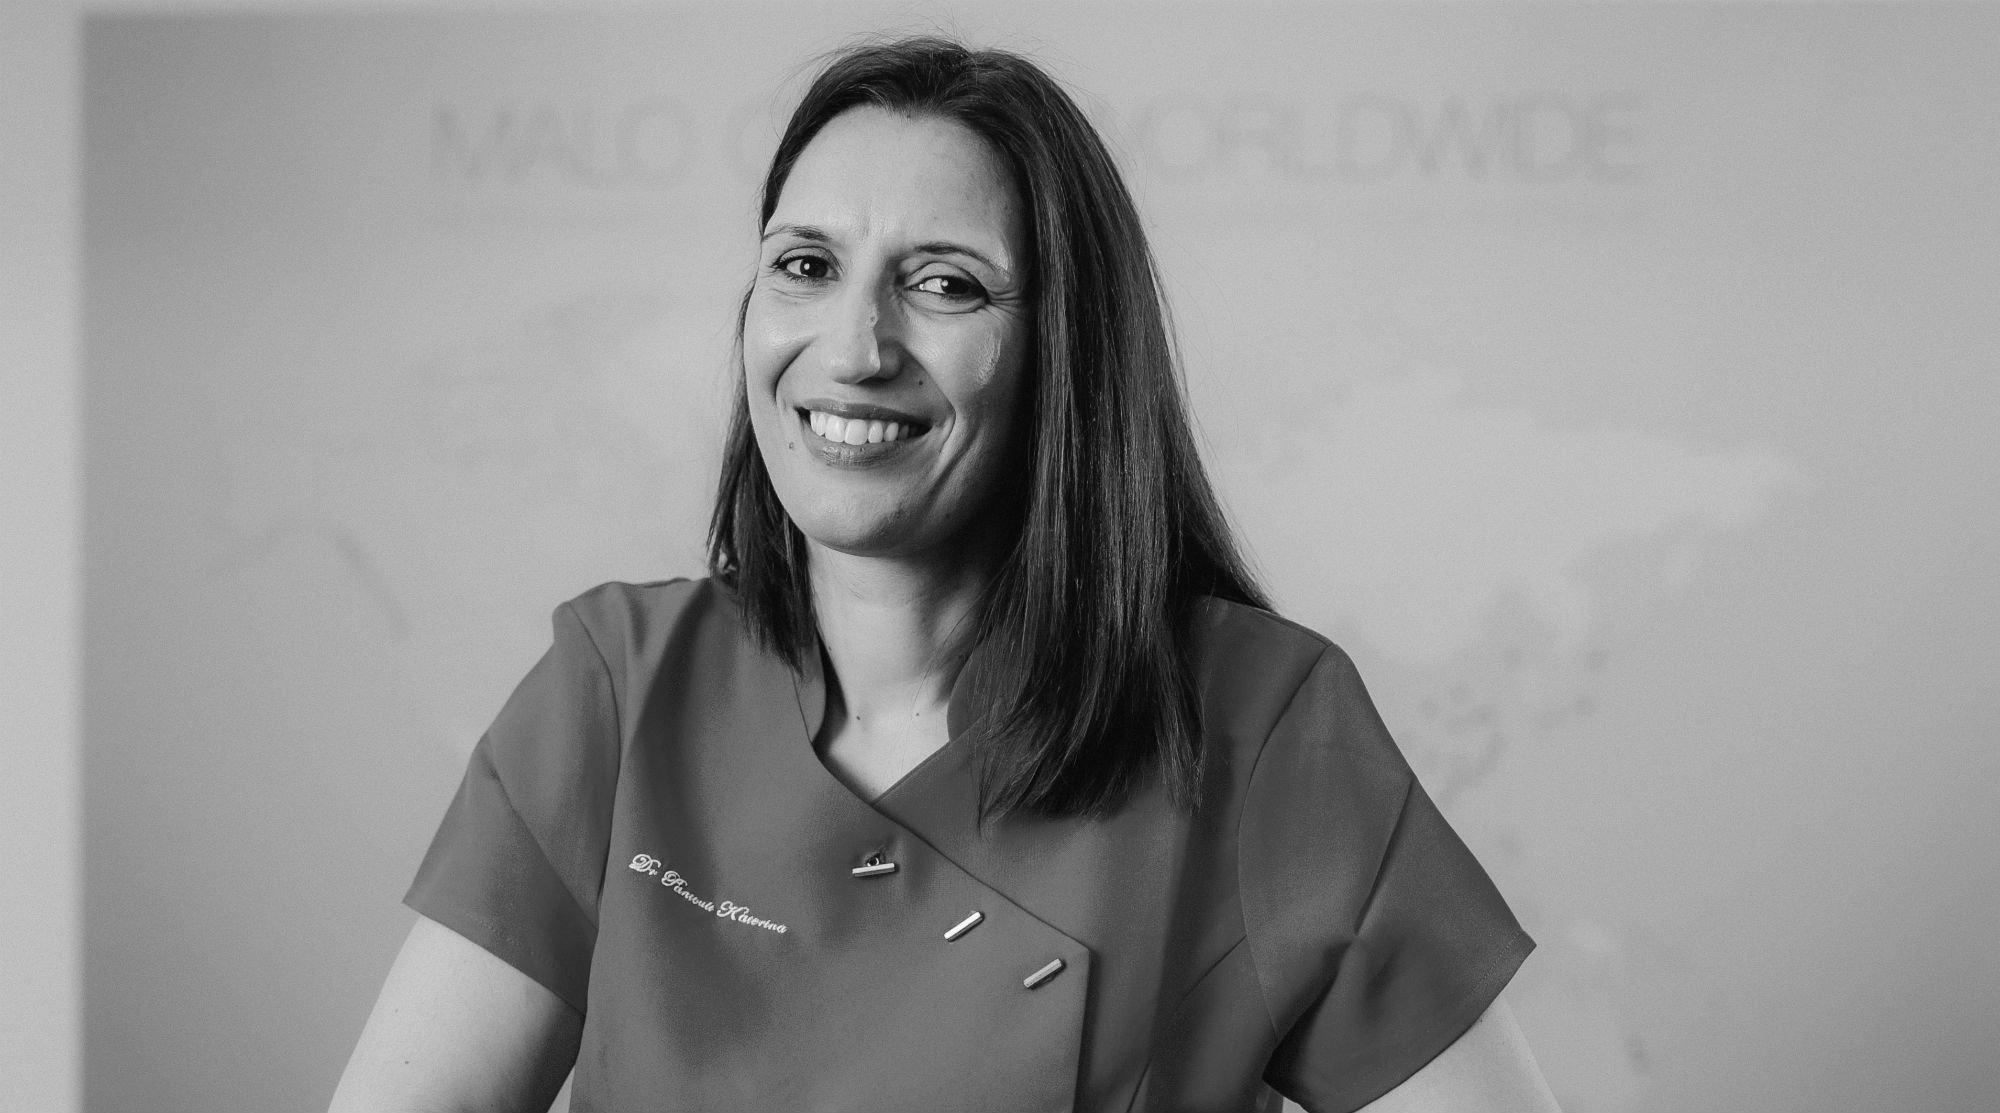 Οδοντίατρος Κατερίνα Παντούλη